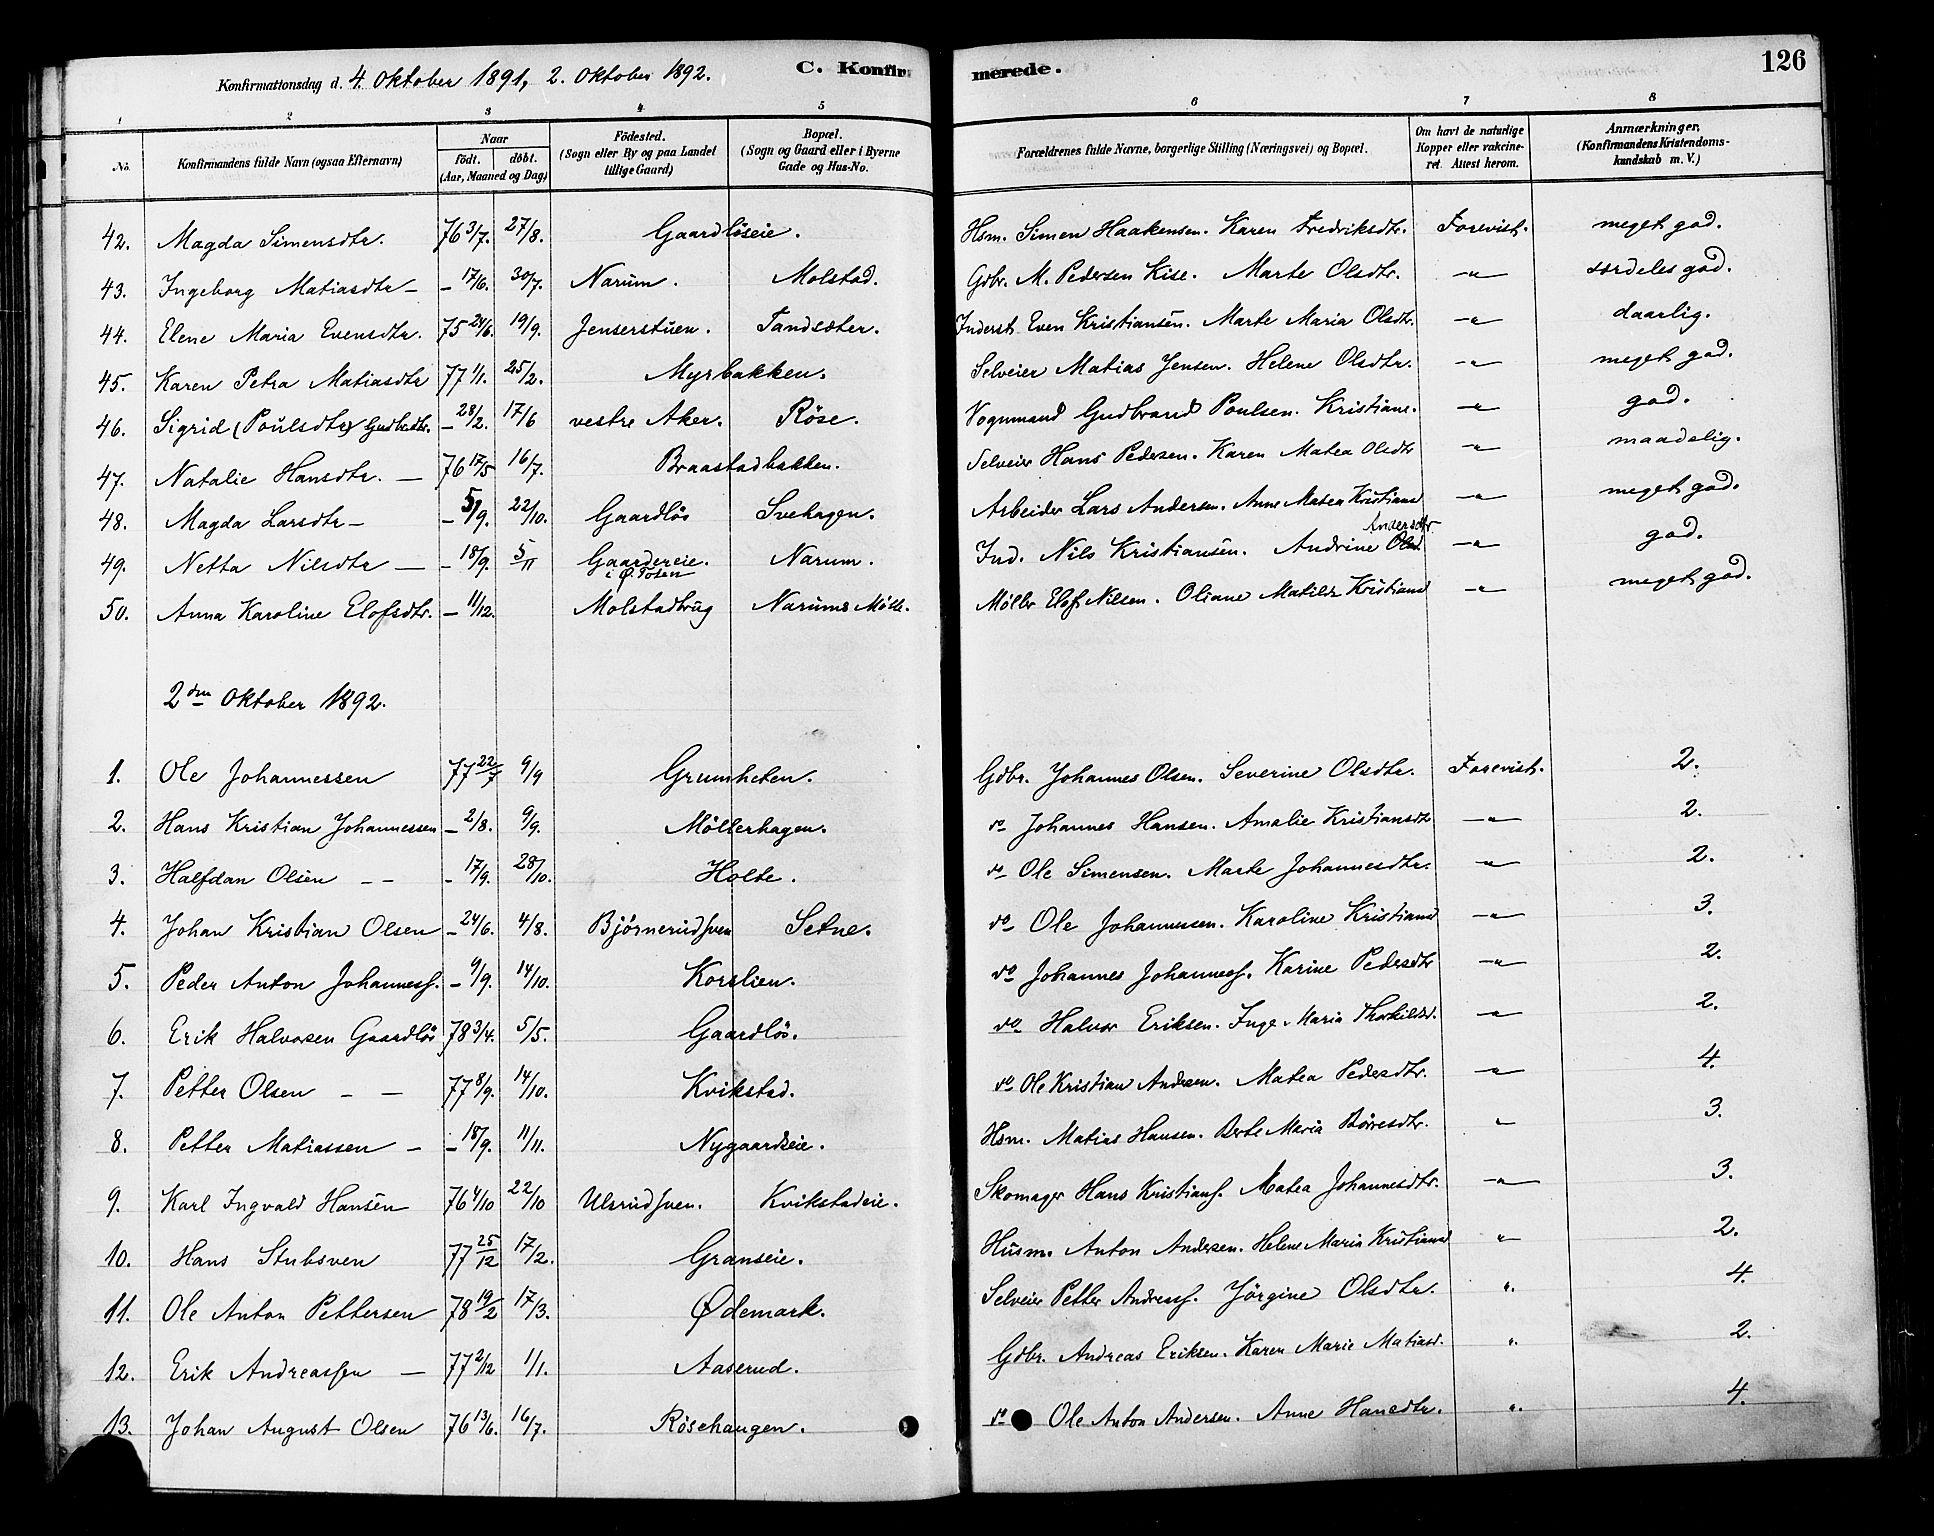 SAH, Vestre Toten prestekontor, Ministerialbok nr. 10, 1878-1894, s. 126